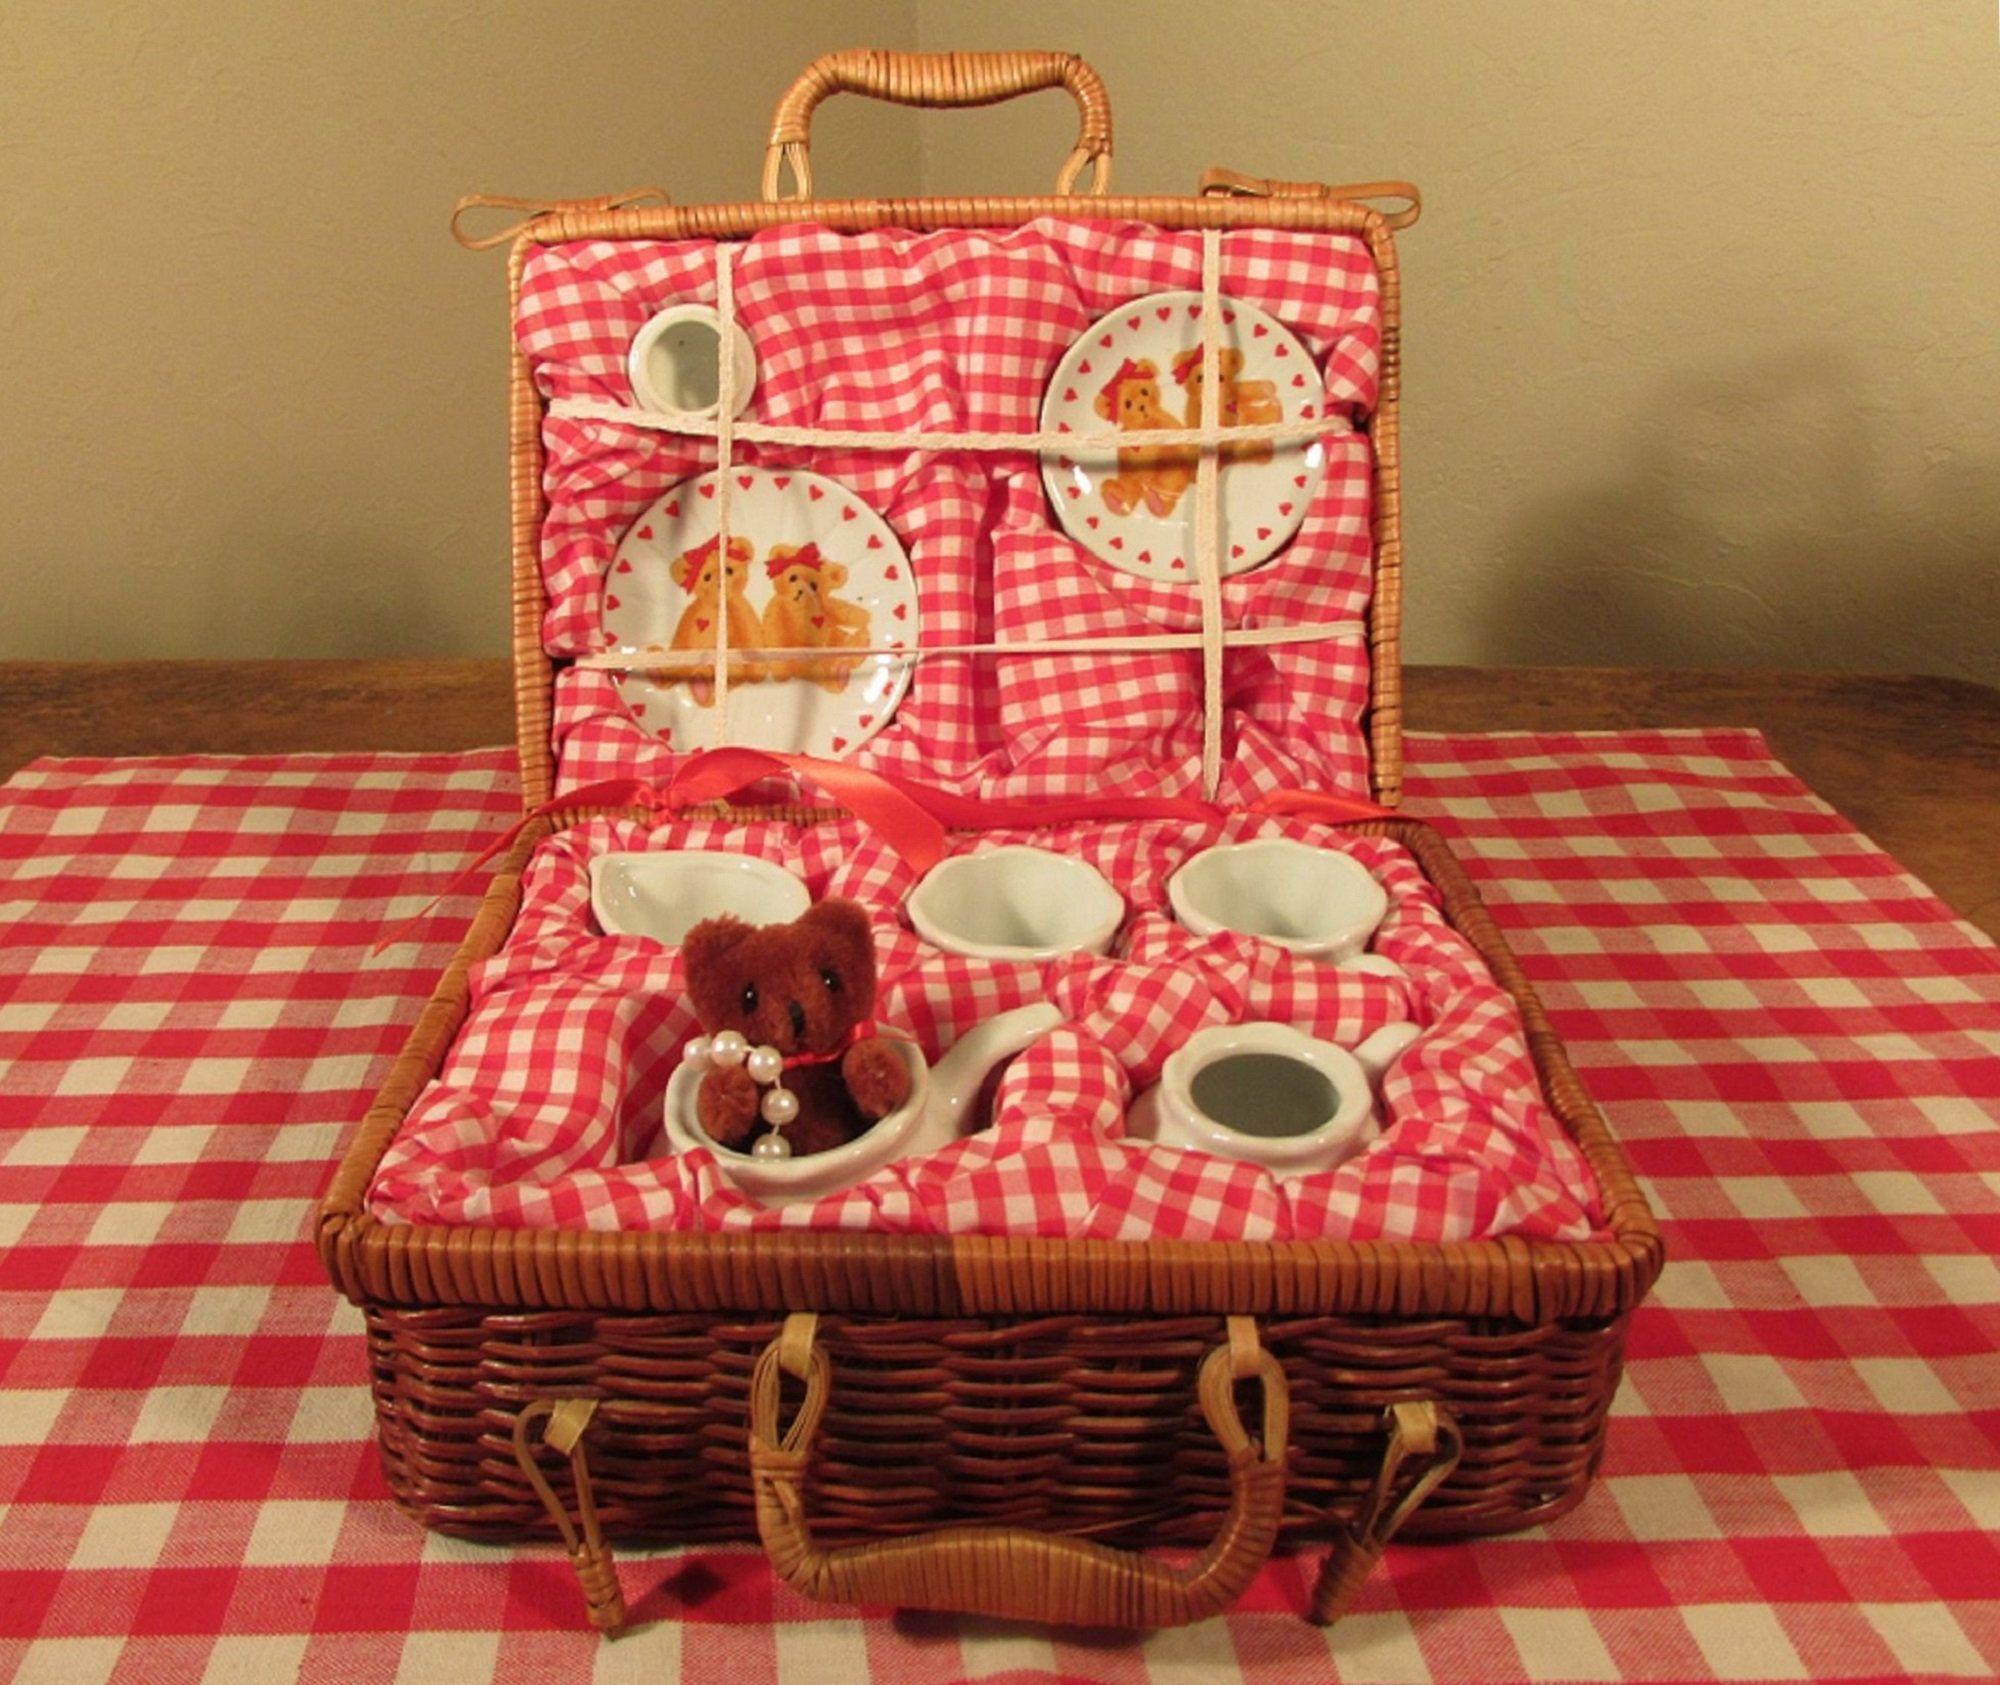 Teddy Bear Tea Set Vintage Porcelain Dishes For Kids Wicker Case With Red Gingham Valentine S In 2020 Vintage Porcelain Tea Sets Vintage Porcelain Tea Sets Vintage